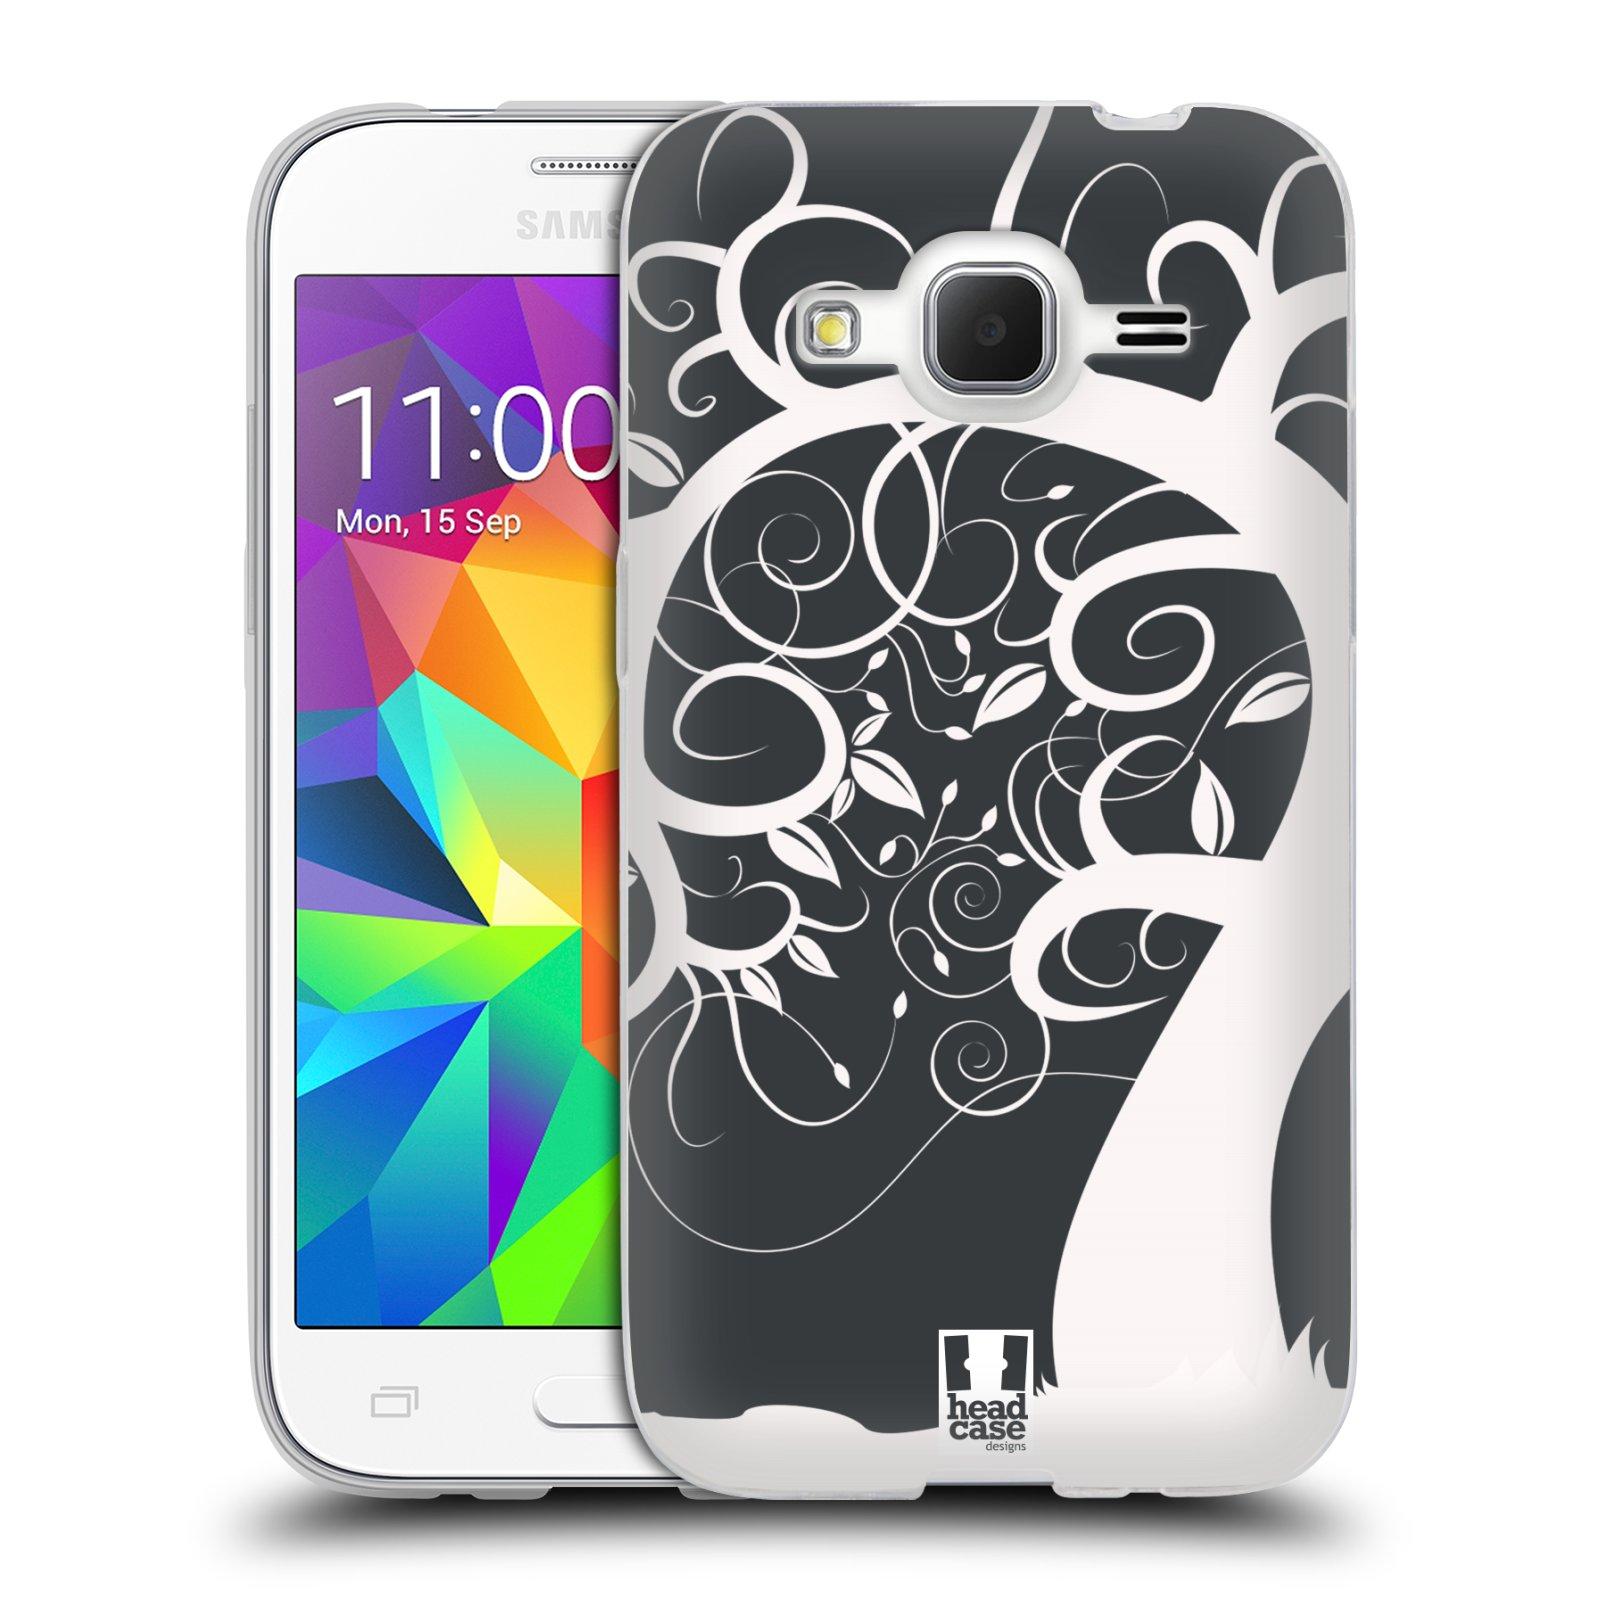 Silikonové pouzdro na mobil Samsung Galaxy Core Prime VE HEAD CASE SPLETITÝ STROM ŠEDÝ (Silikonový kryt či obal na mobilní telefon Samsung Galaxy Core Prime LTE VE SM-G361F)